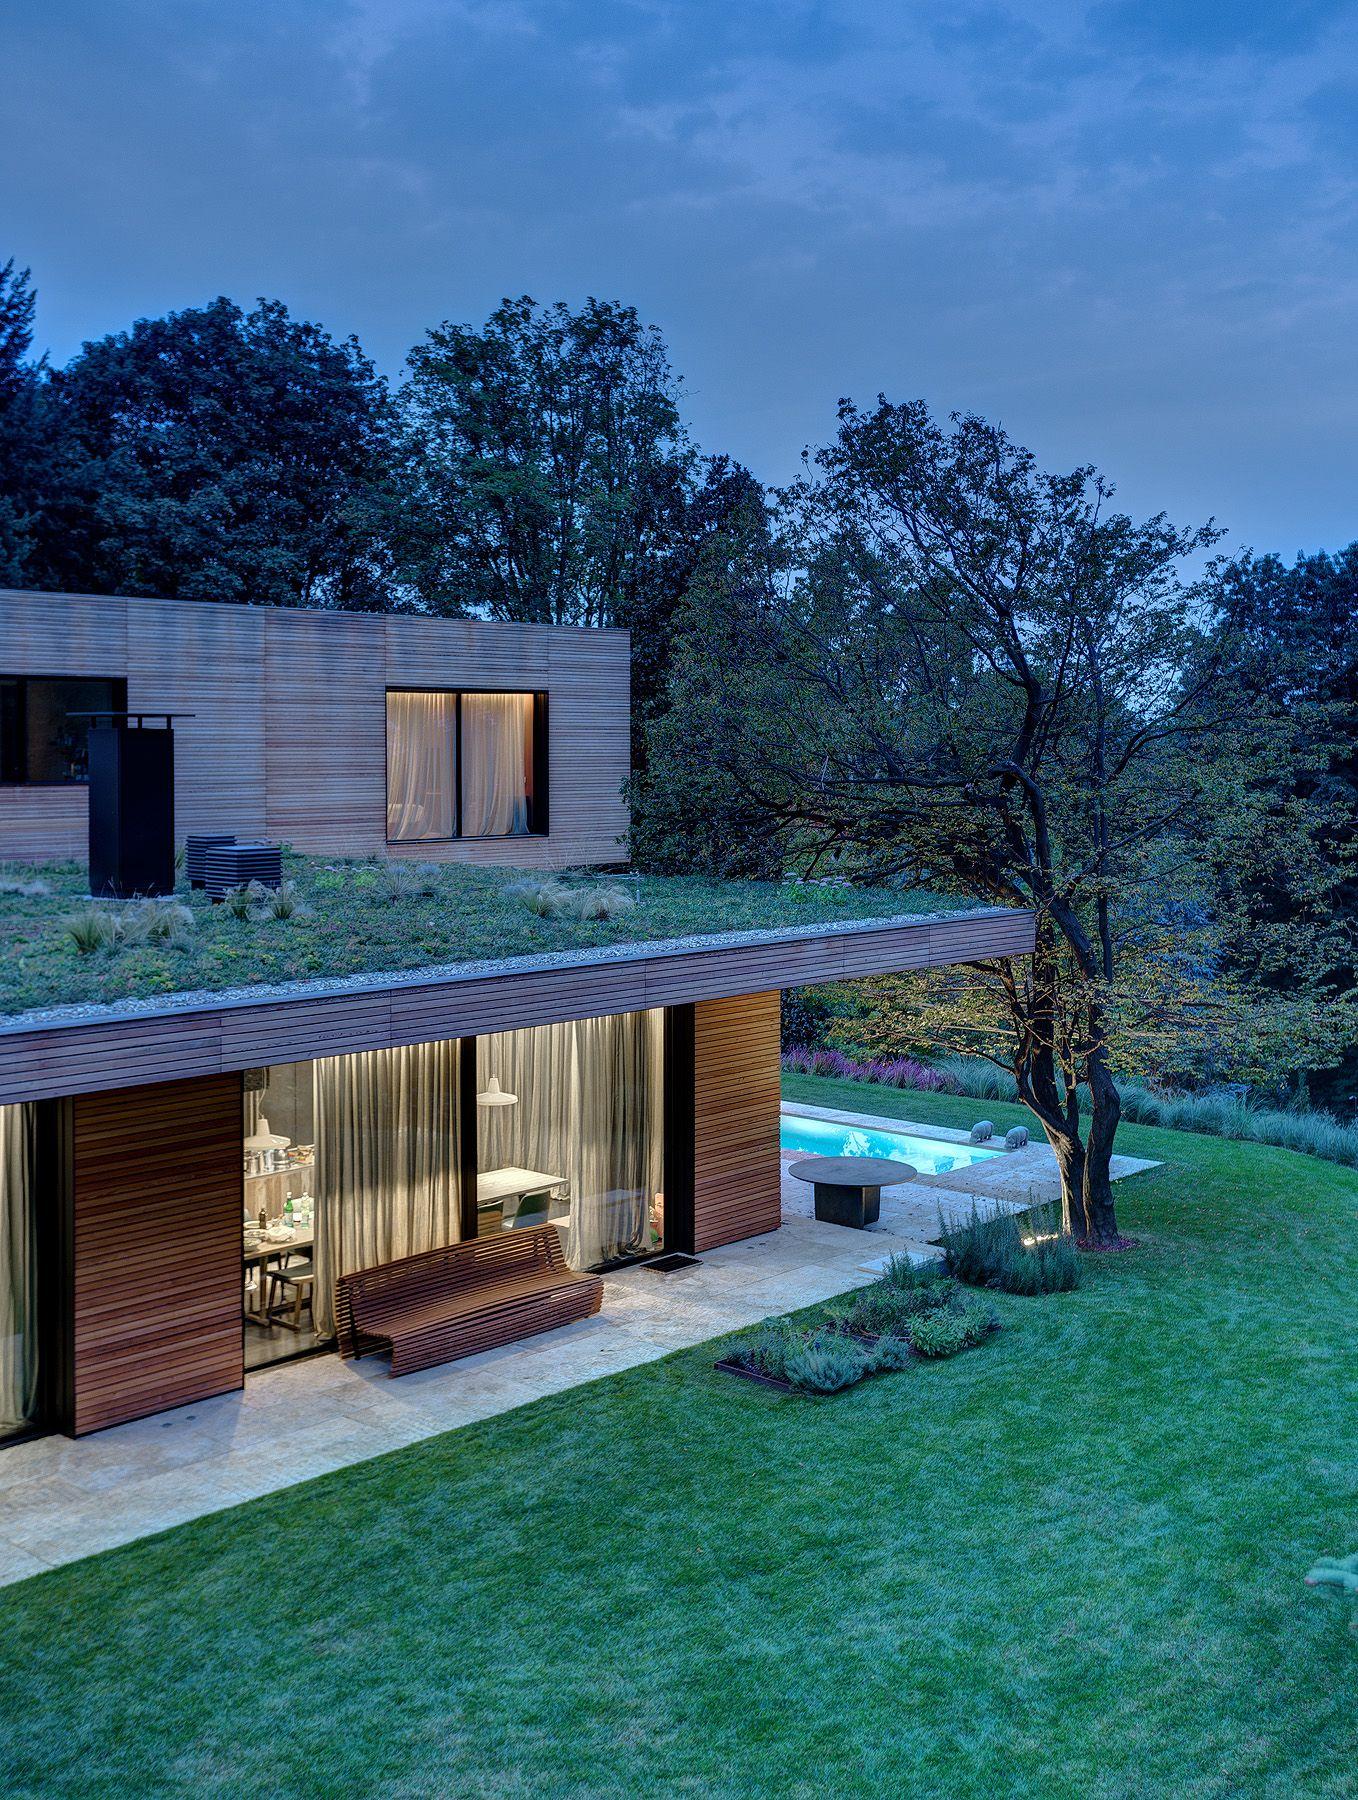 Villa in legno e casa di design casa prefabbricata in for Casa prefabbricata in legno su terreno agricolo